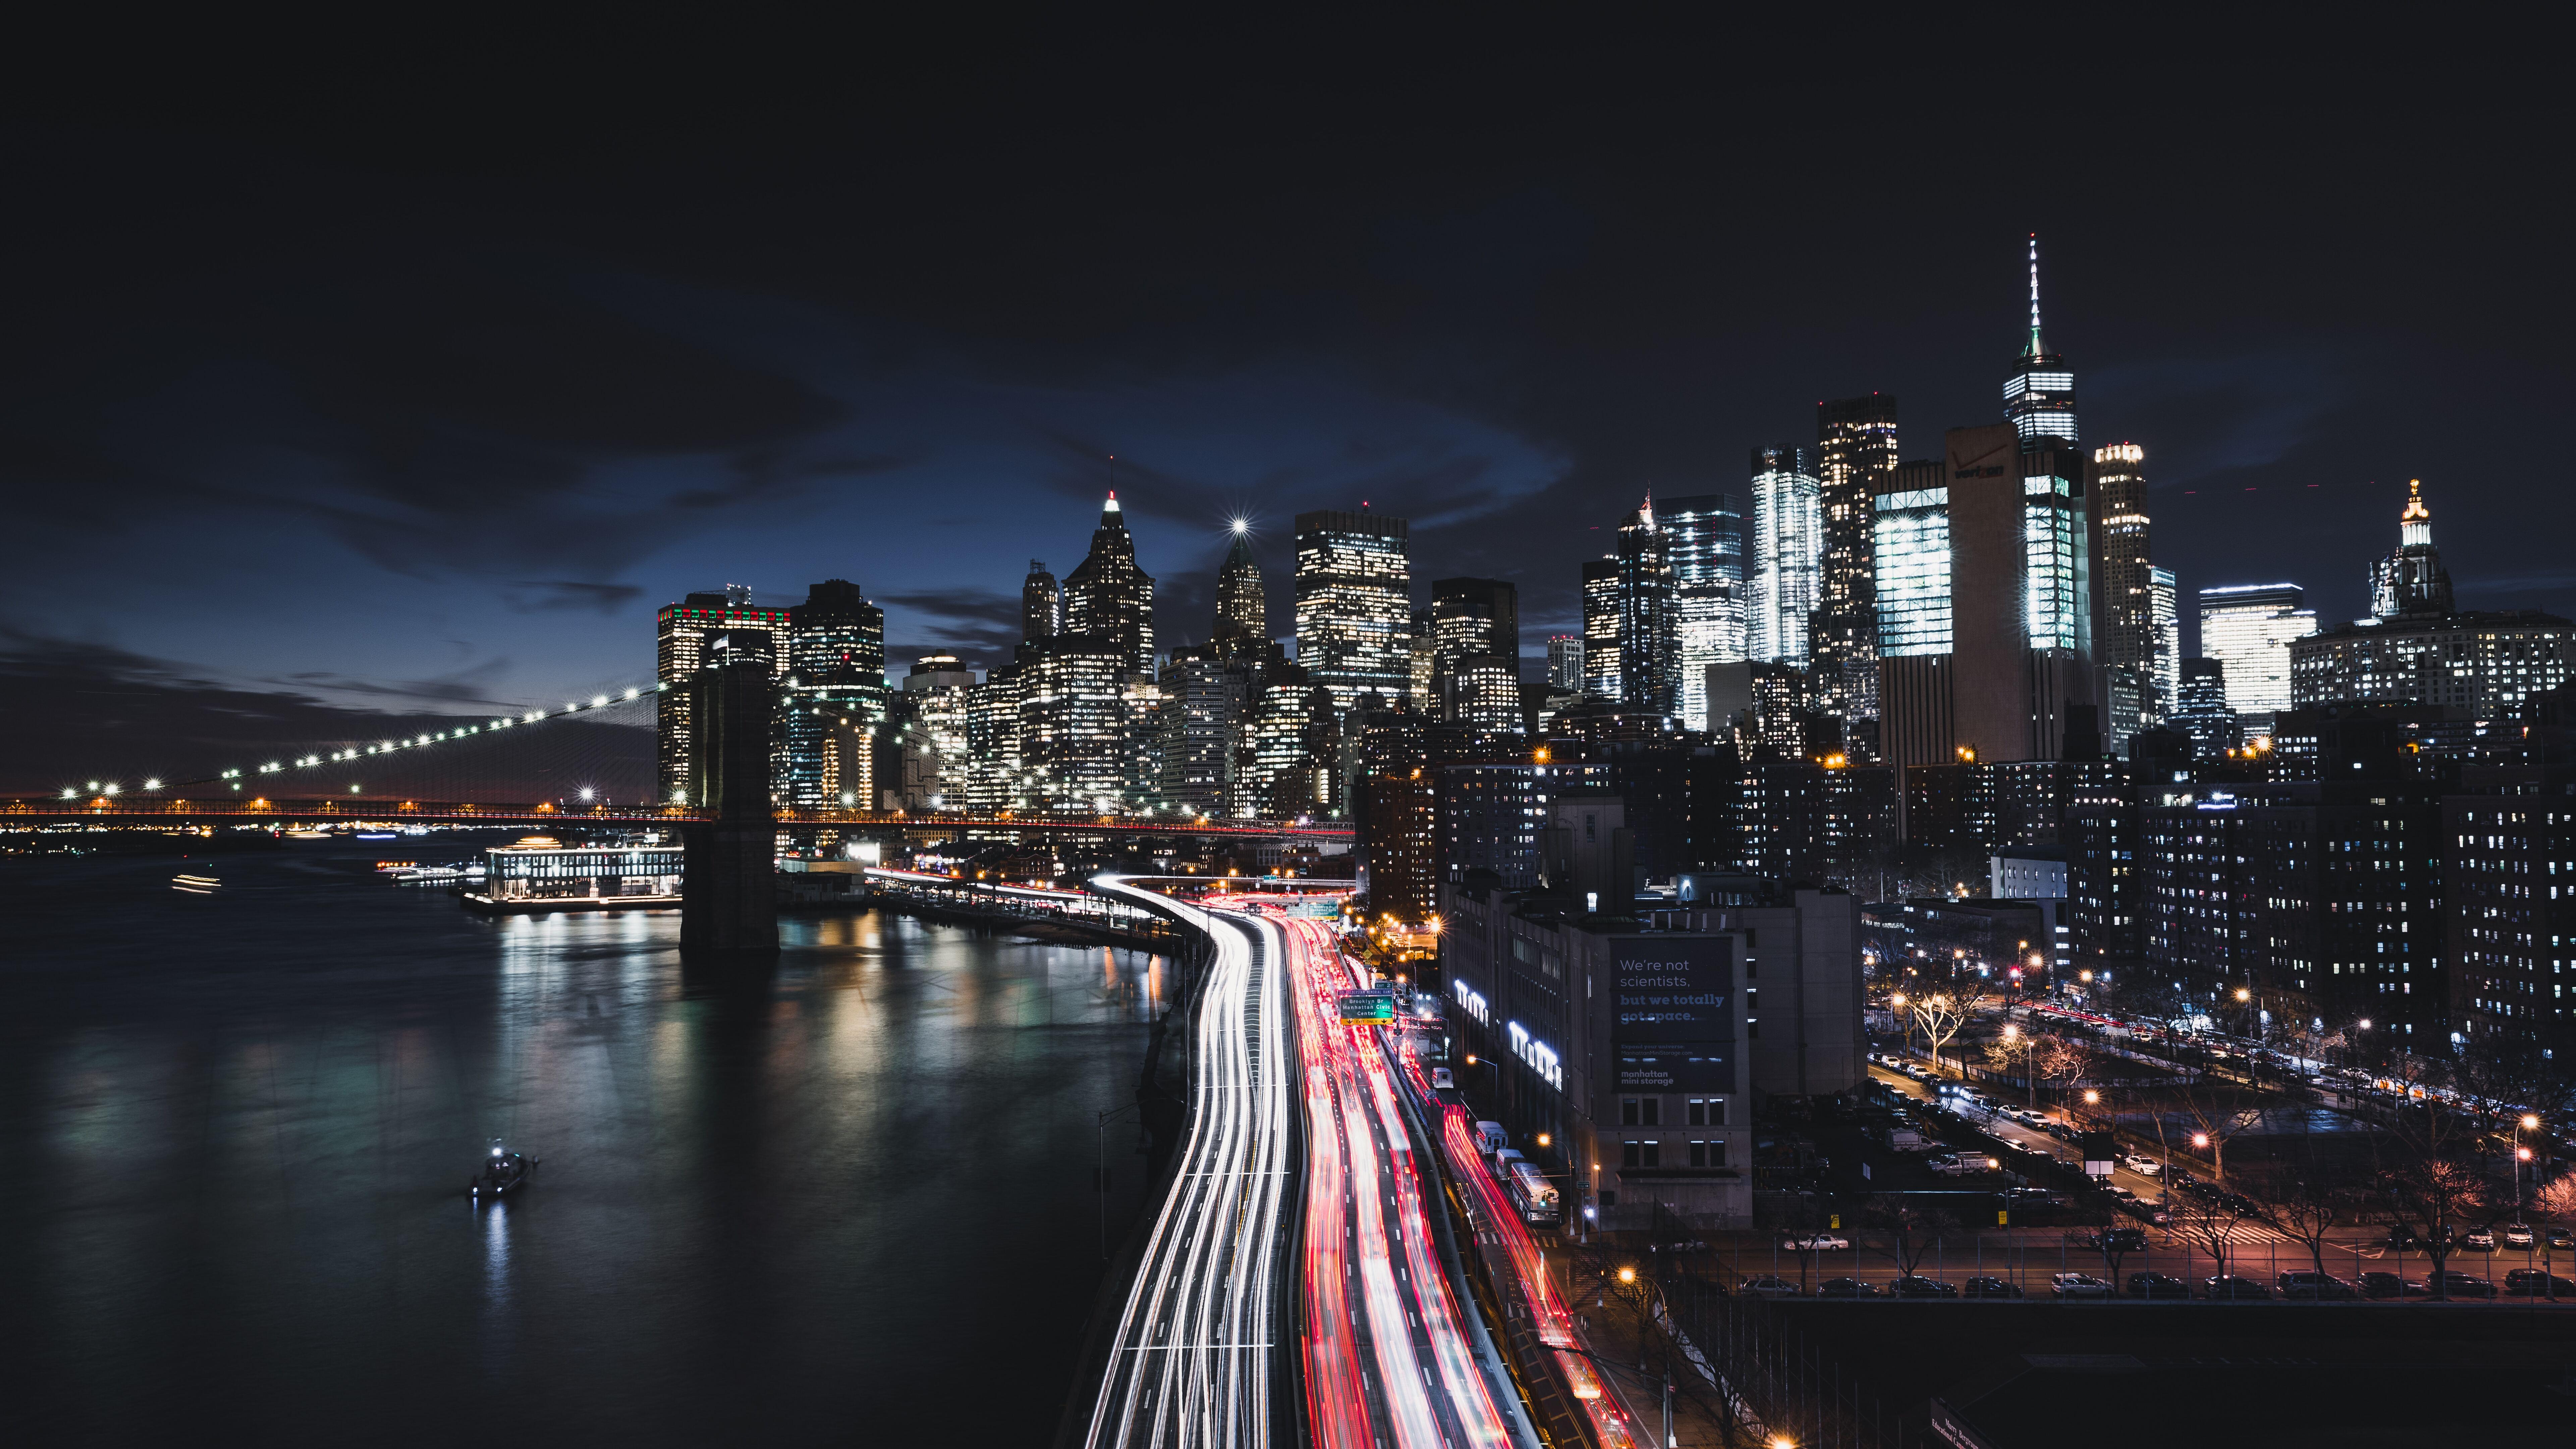 brooklyn-bridge-cityscape-long-exposure-road-manhattan-8k-u8.jpg